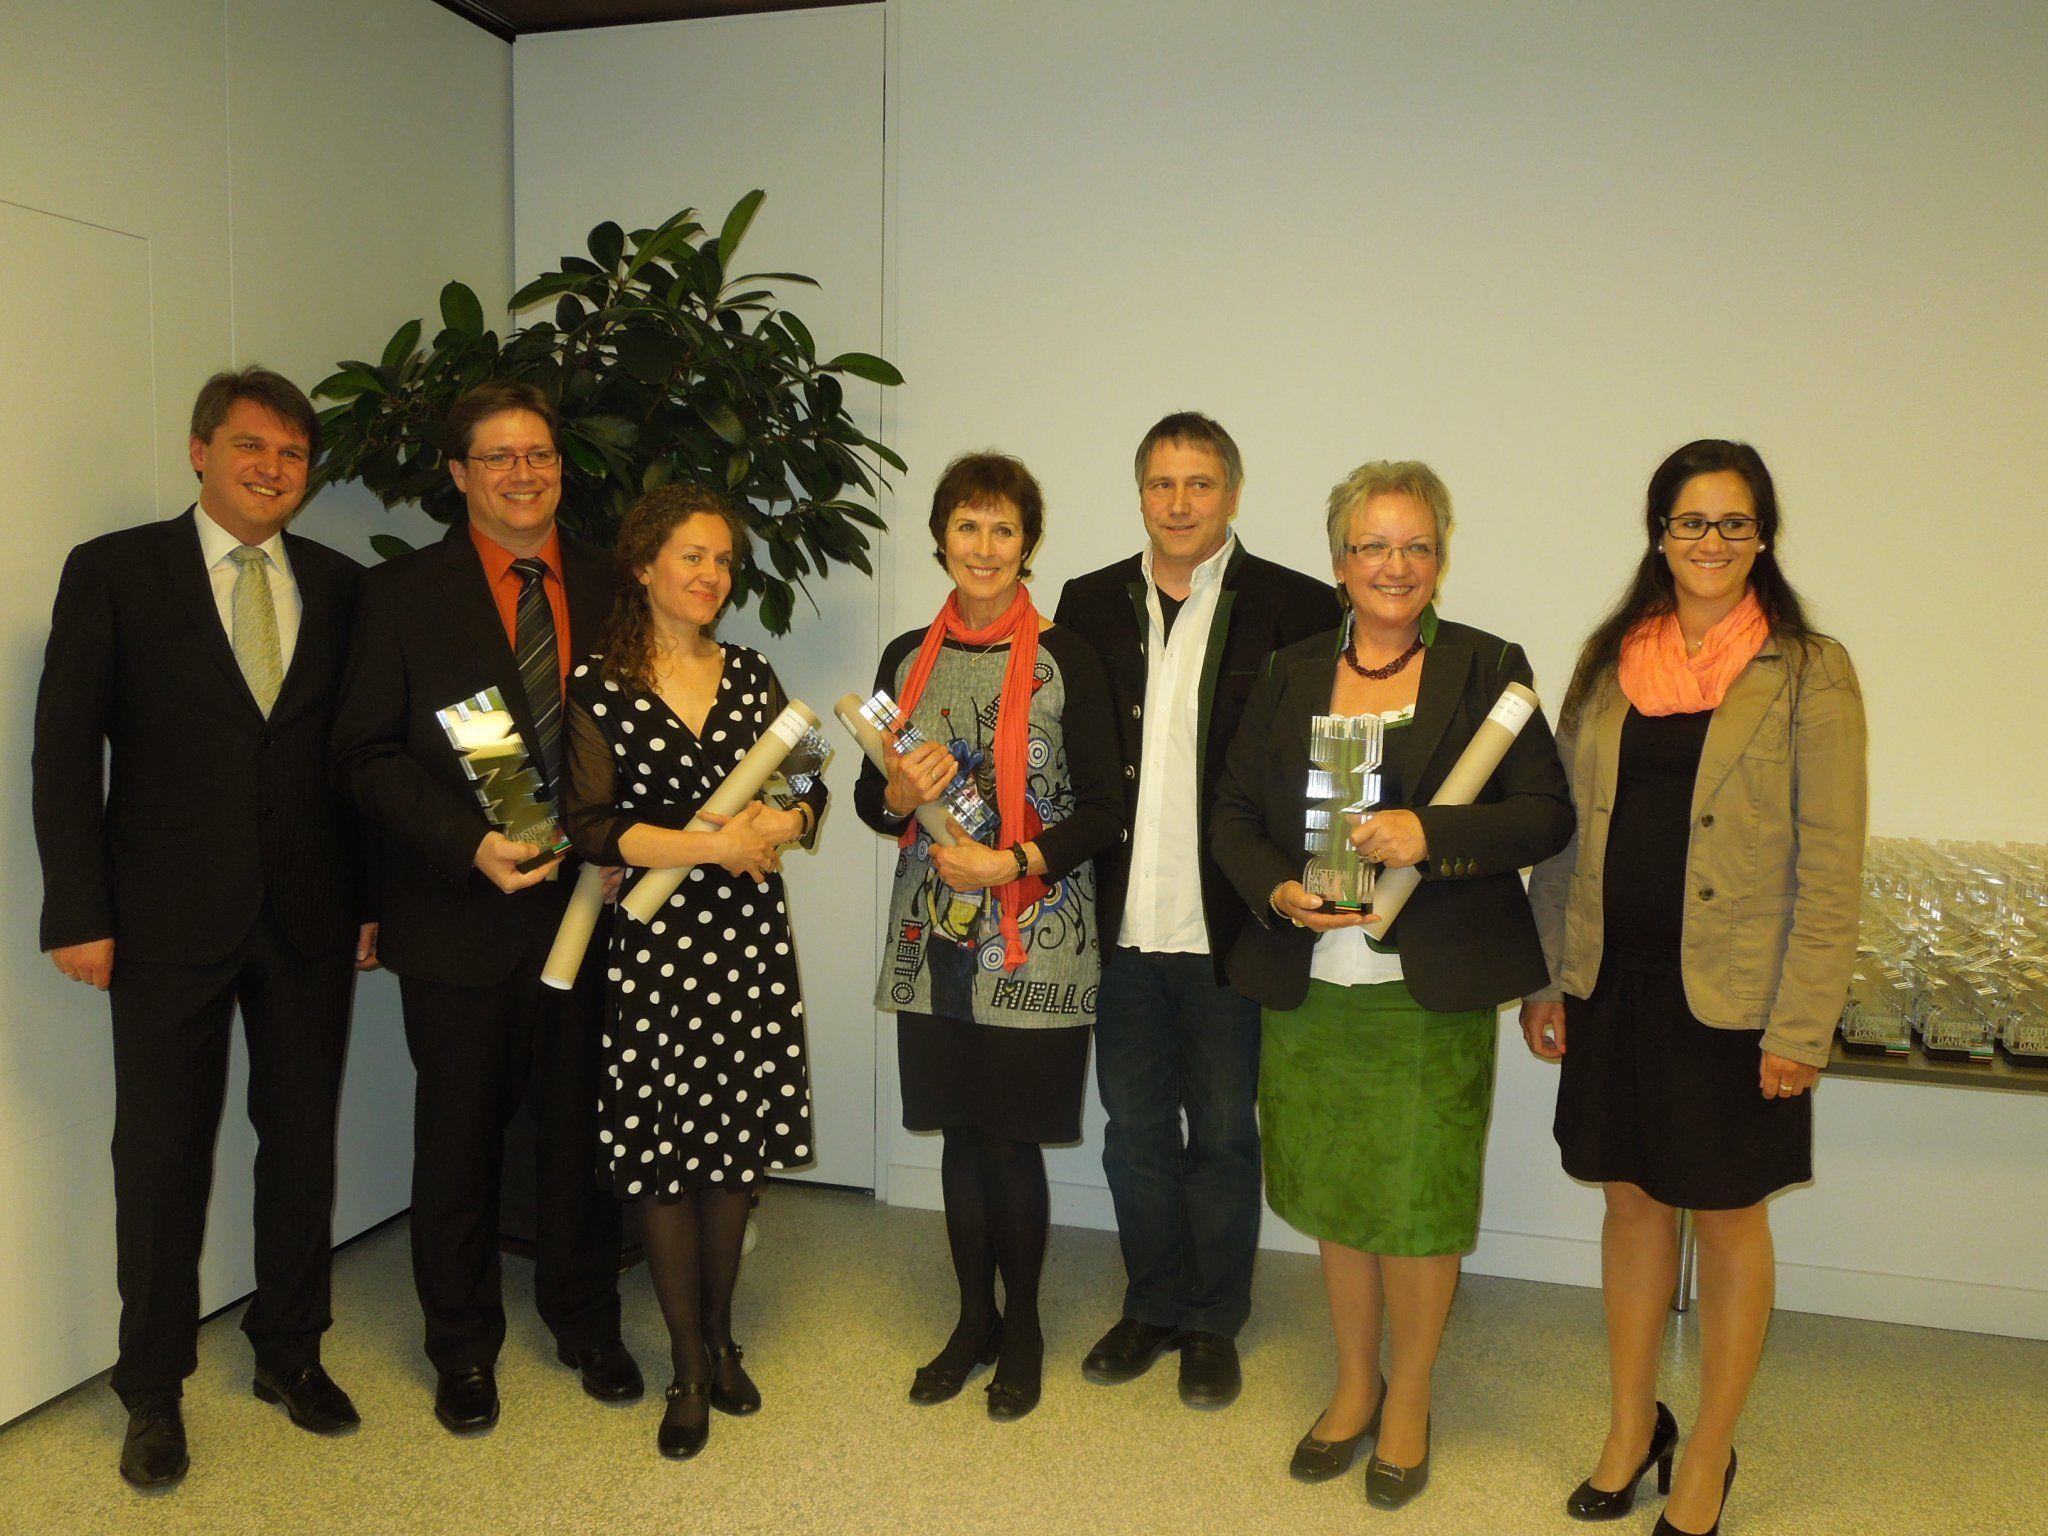 Lustenau dankte erstmalig engagierten Vereinsfunktionären mit dem neuen Ehrenzeichen.